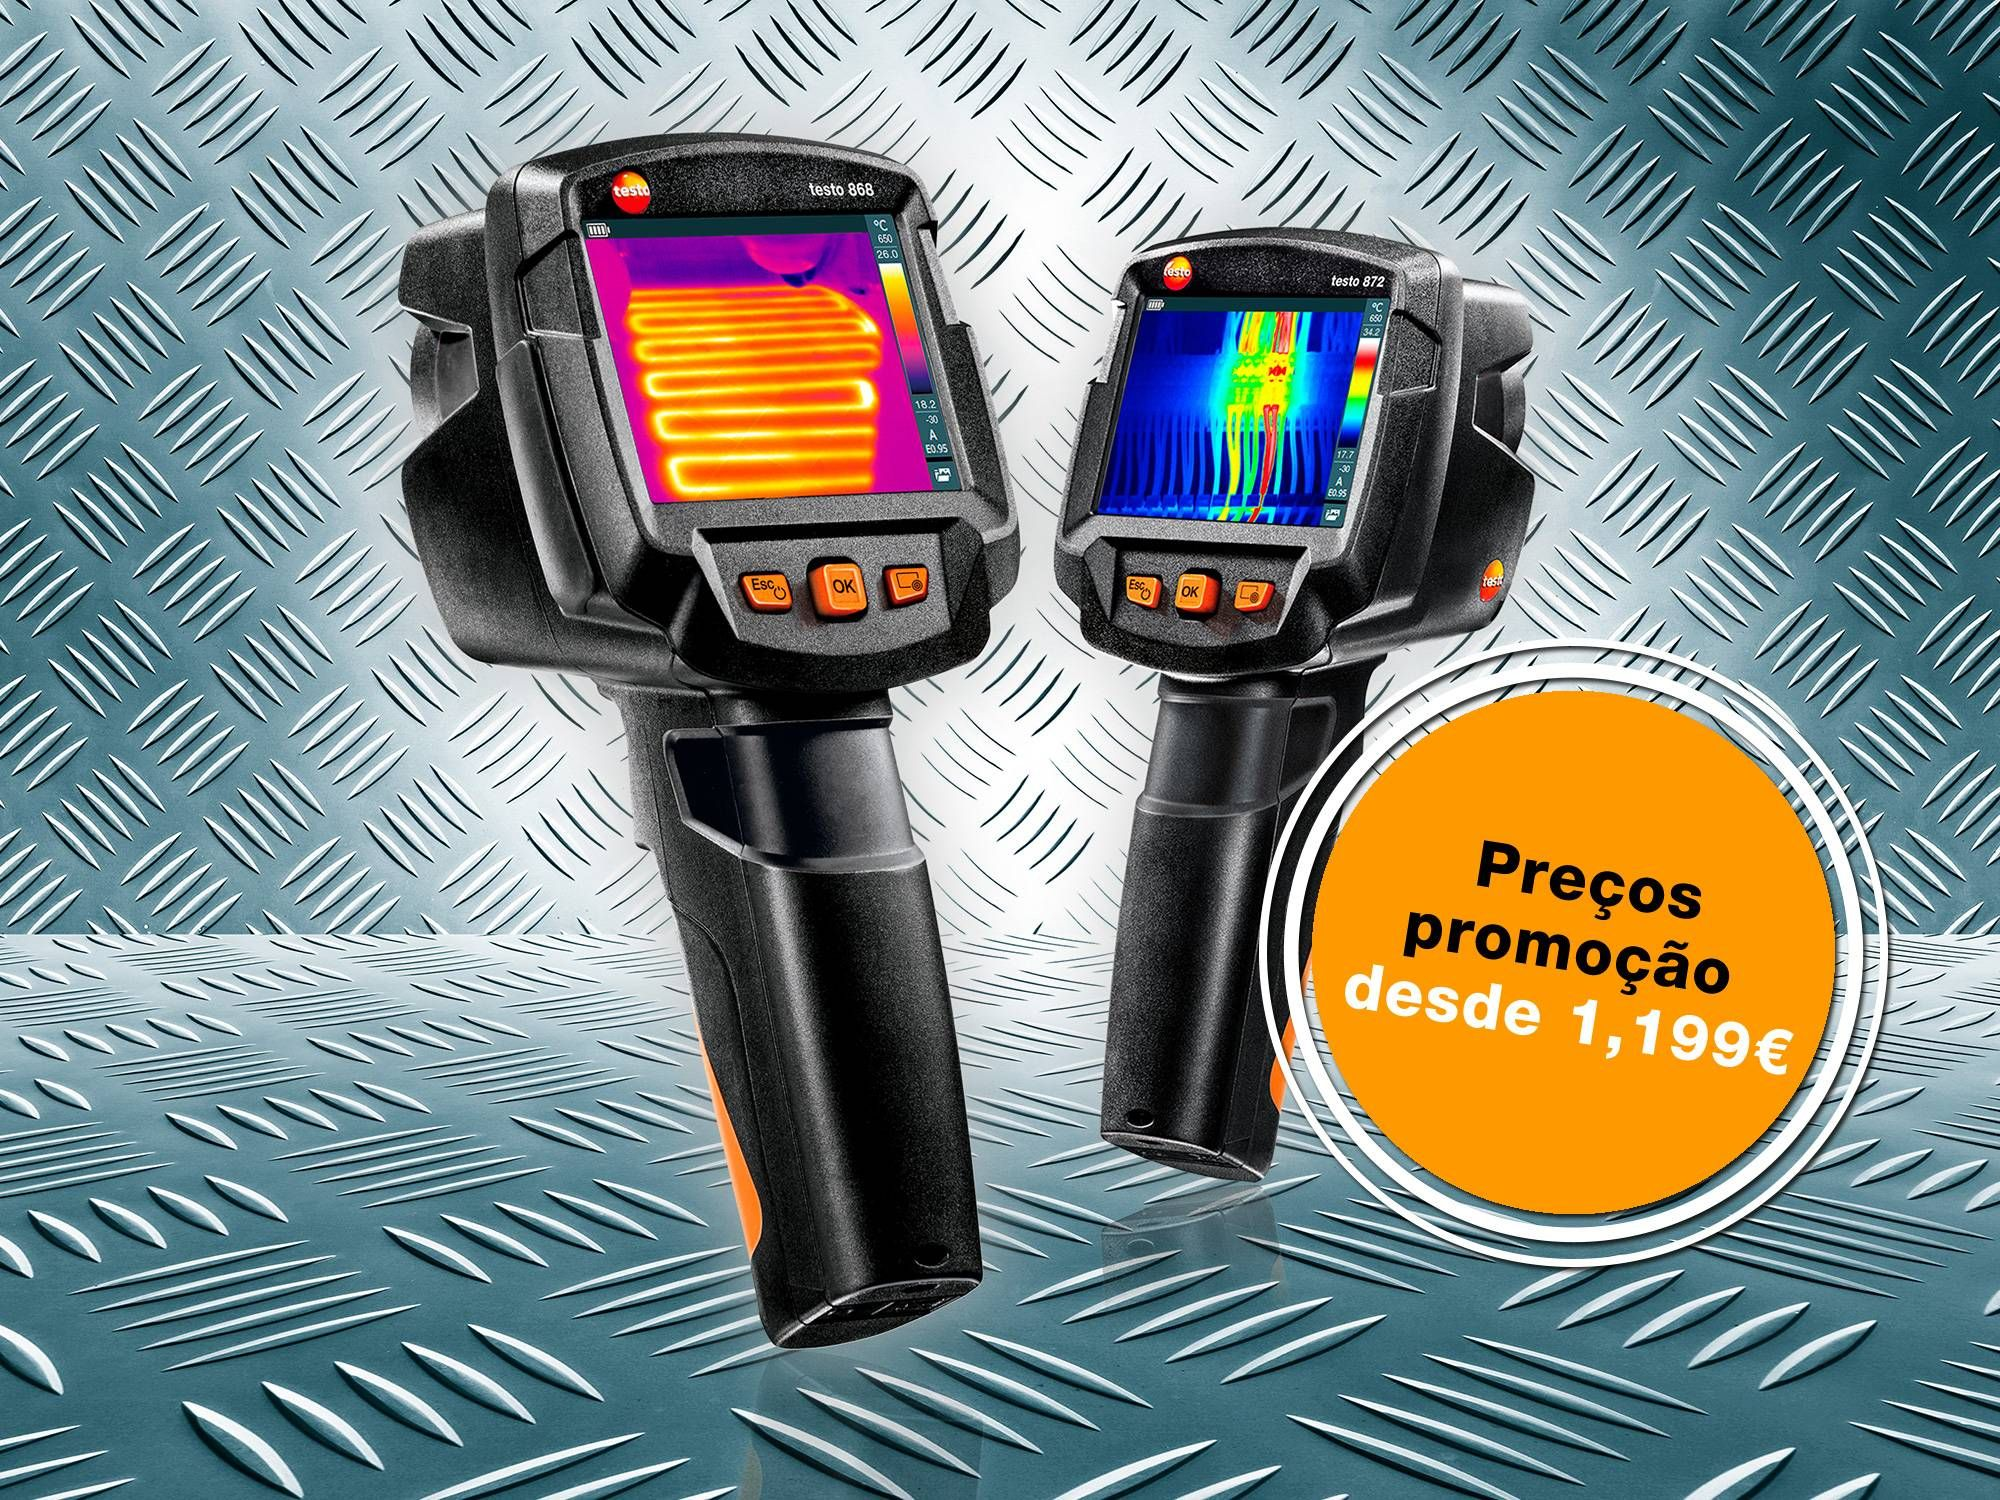 Imag-PT-testo-TI-promo-2020-teaser-868-872-2000x1500px.jpg